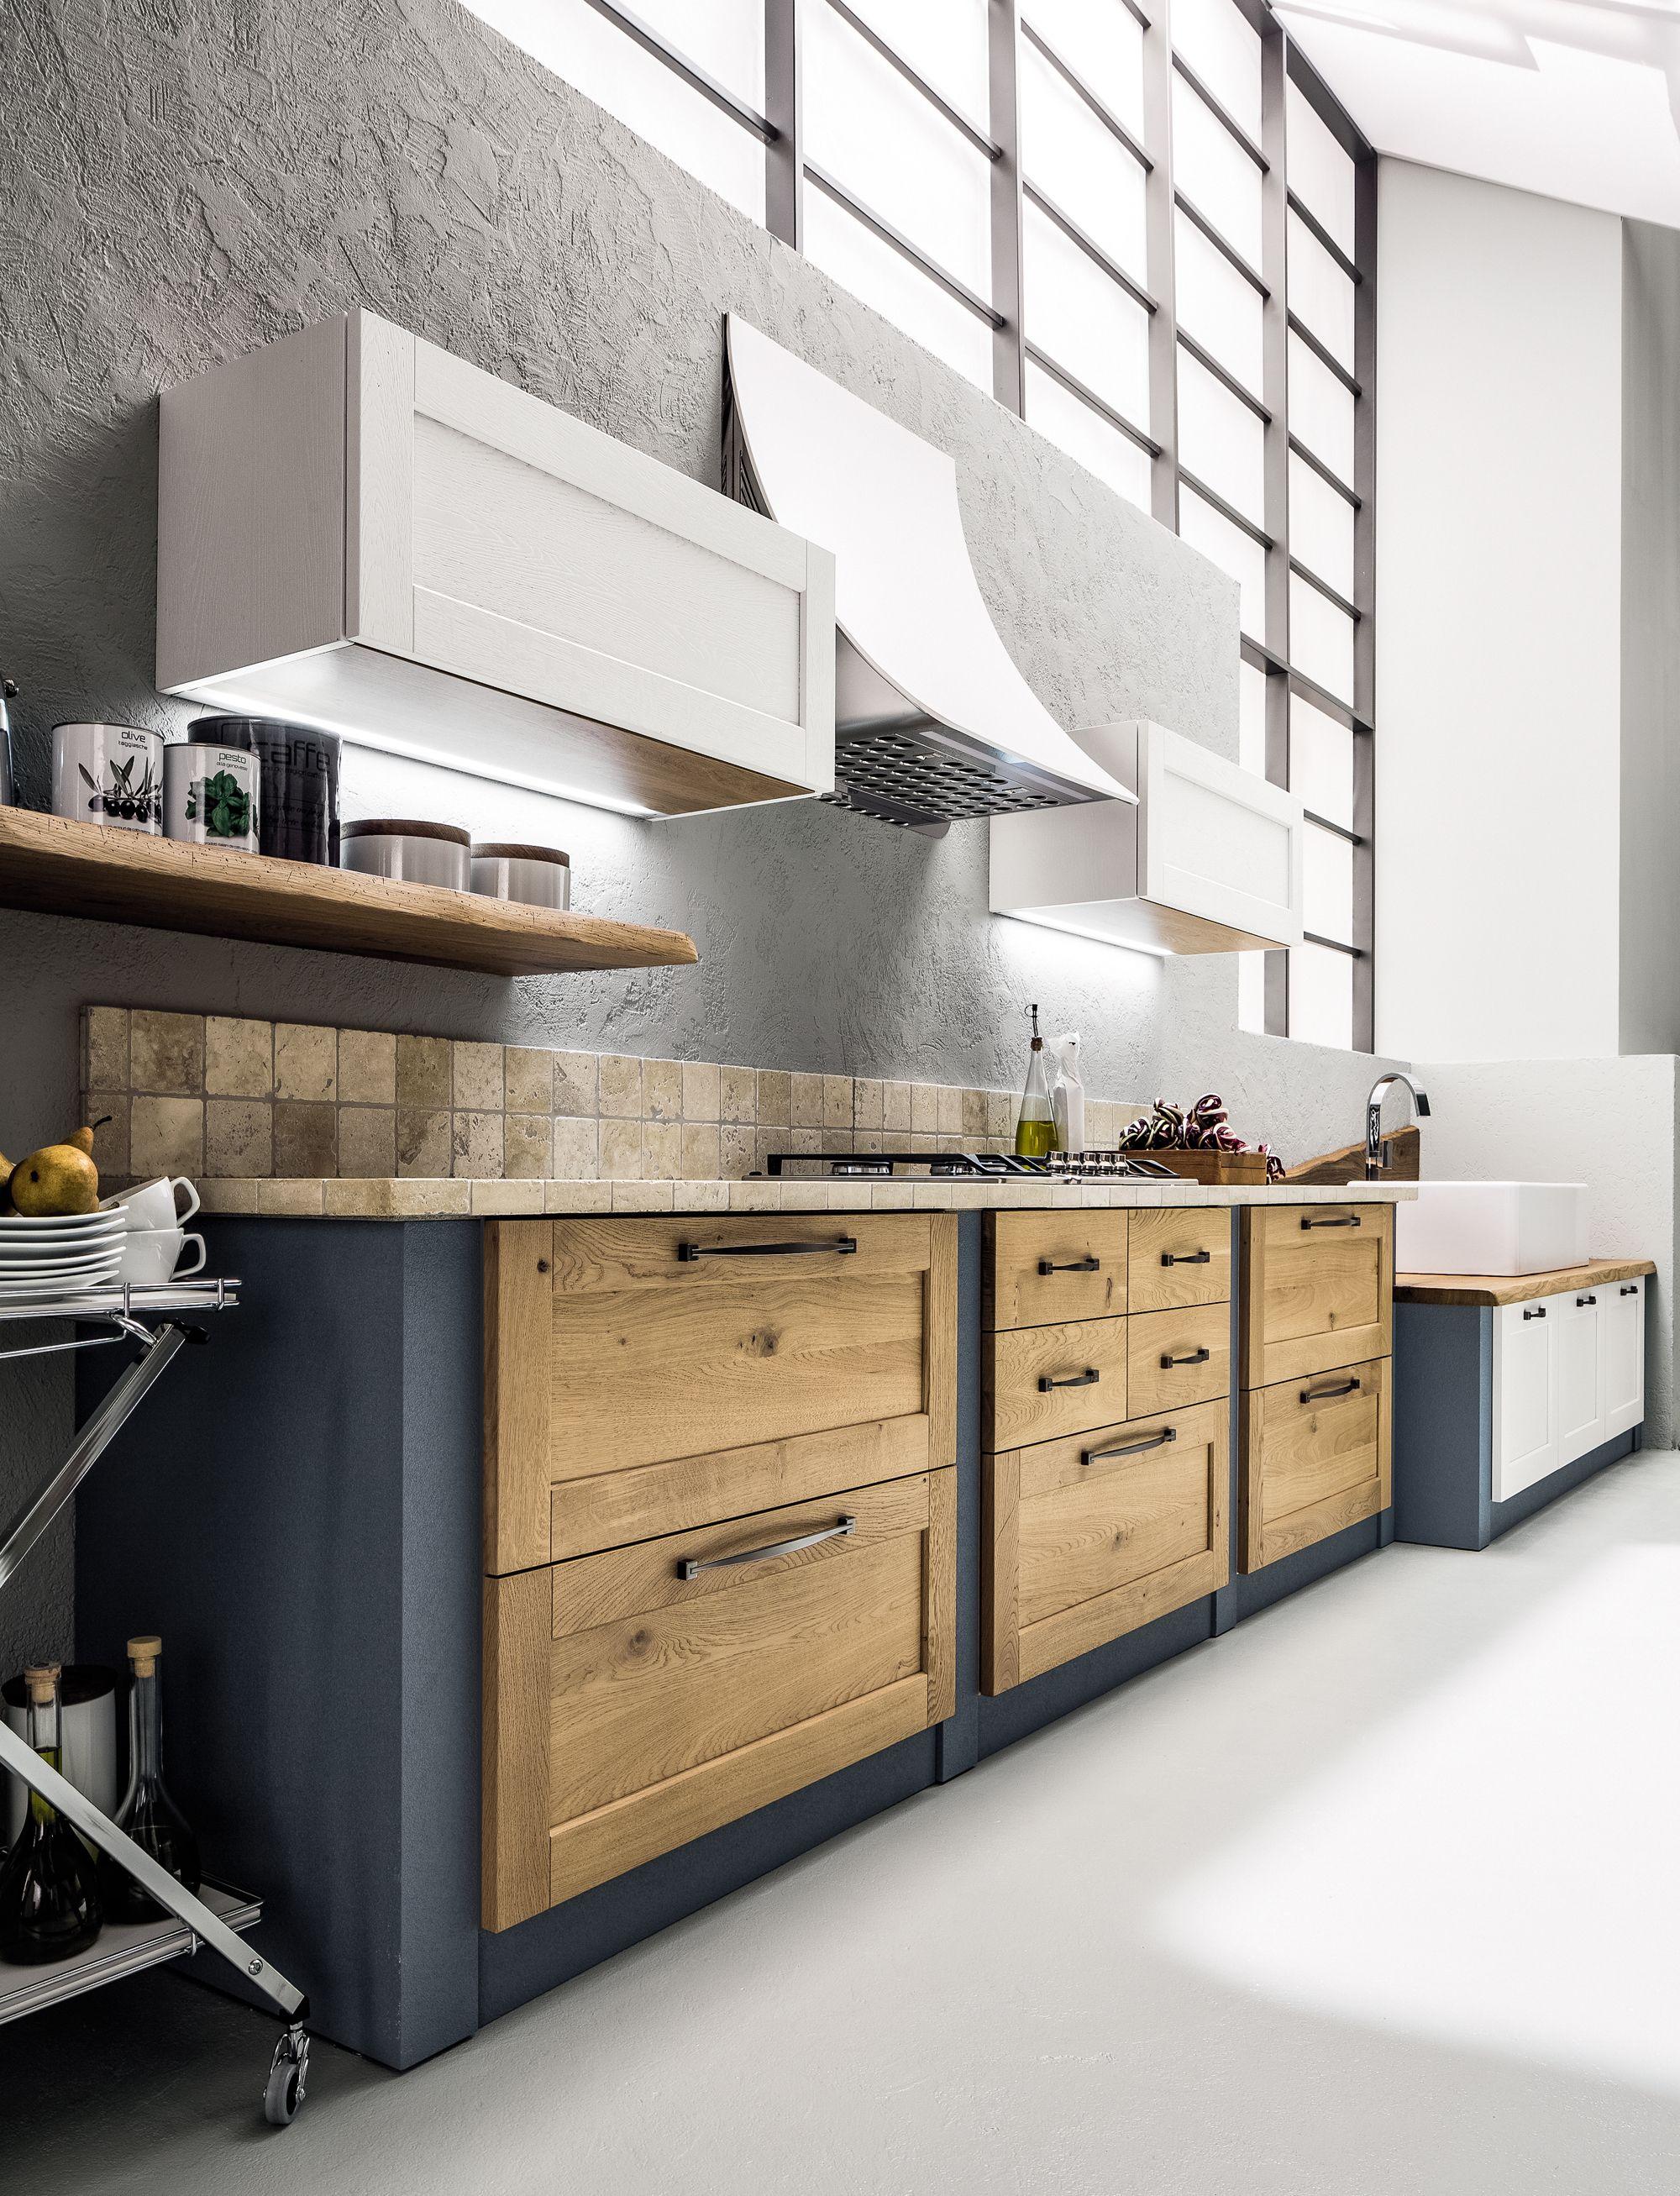 Che meraviglia le cucine arrex in muratura con pittura colore mirtillo colore mirtillo per la - Cucina in muratura ...